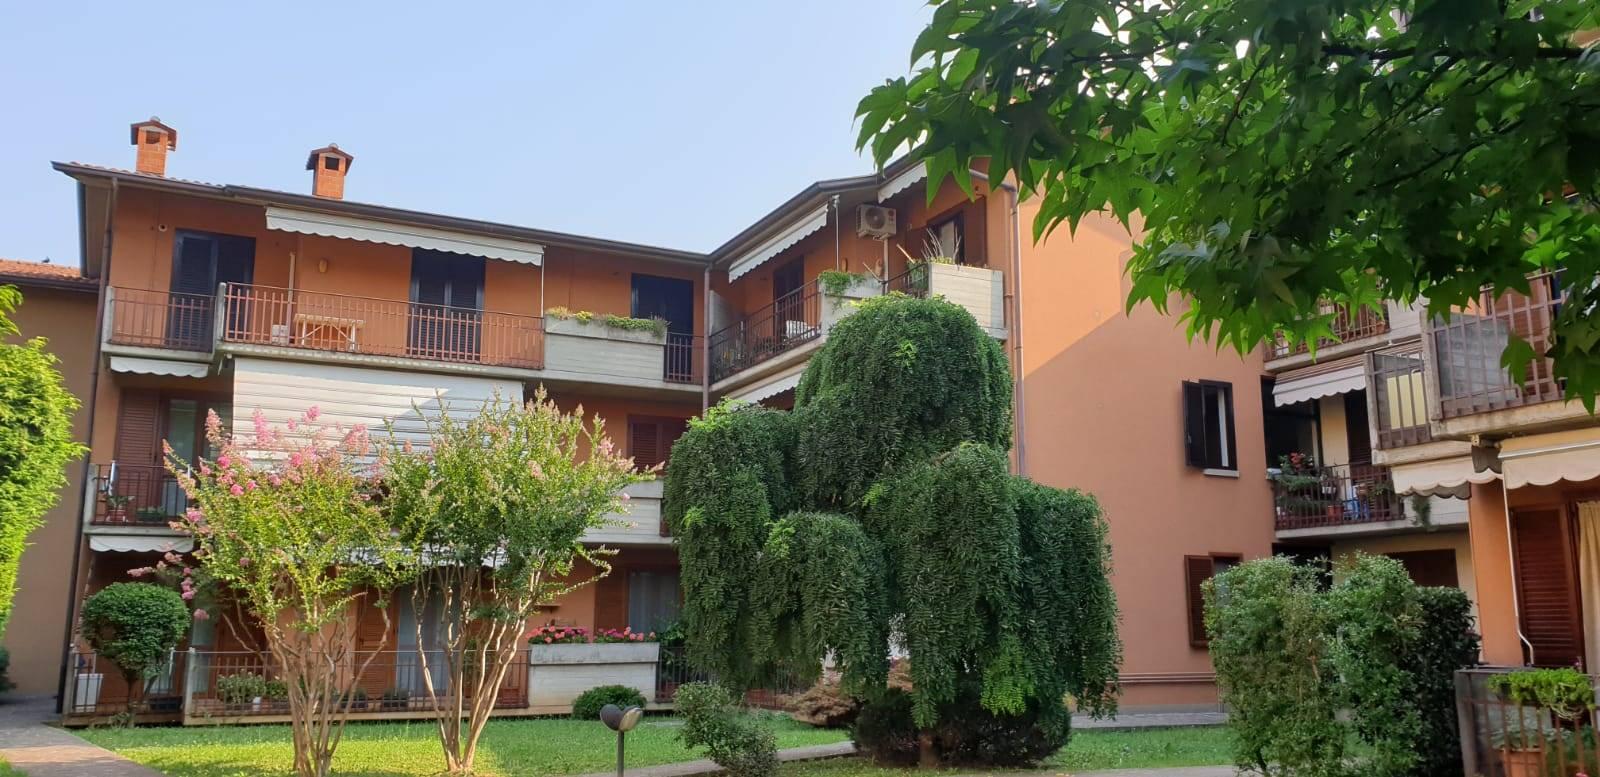 Appartamento in vendita a Treviolo, 3 locali, zona Zona: Albegno, prezzo € 89.000 | CambioCasa.it